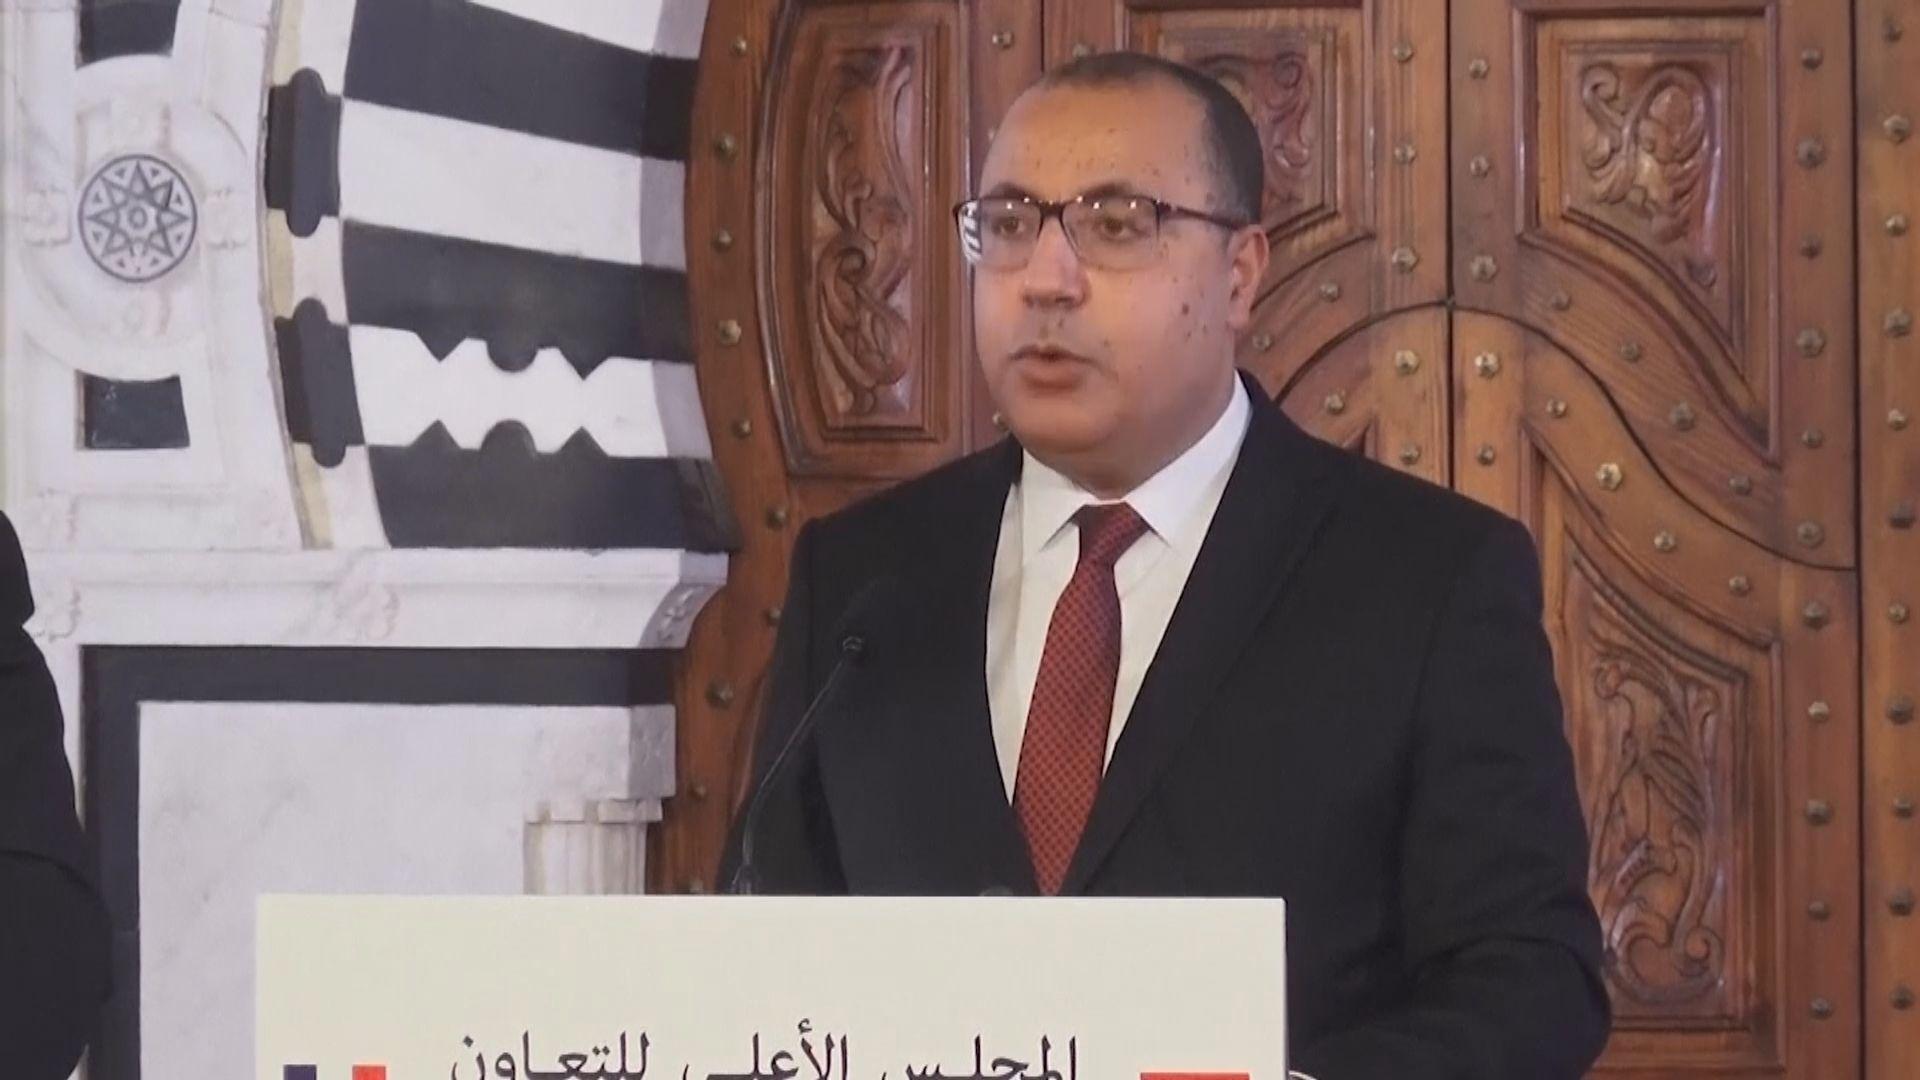 突尼斯總理接種新冠疫苗後確診 有報道指他接種輝瑞